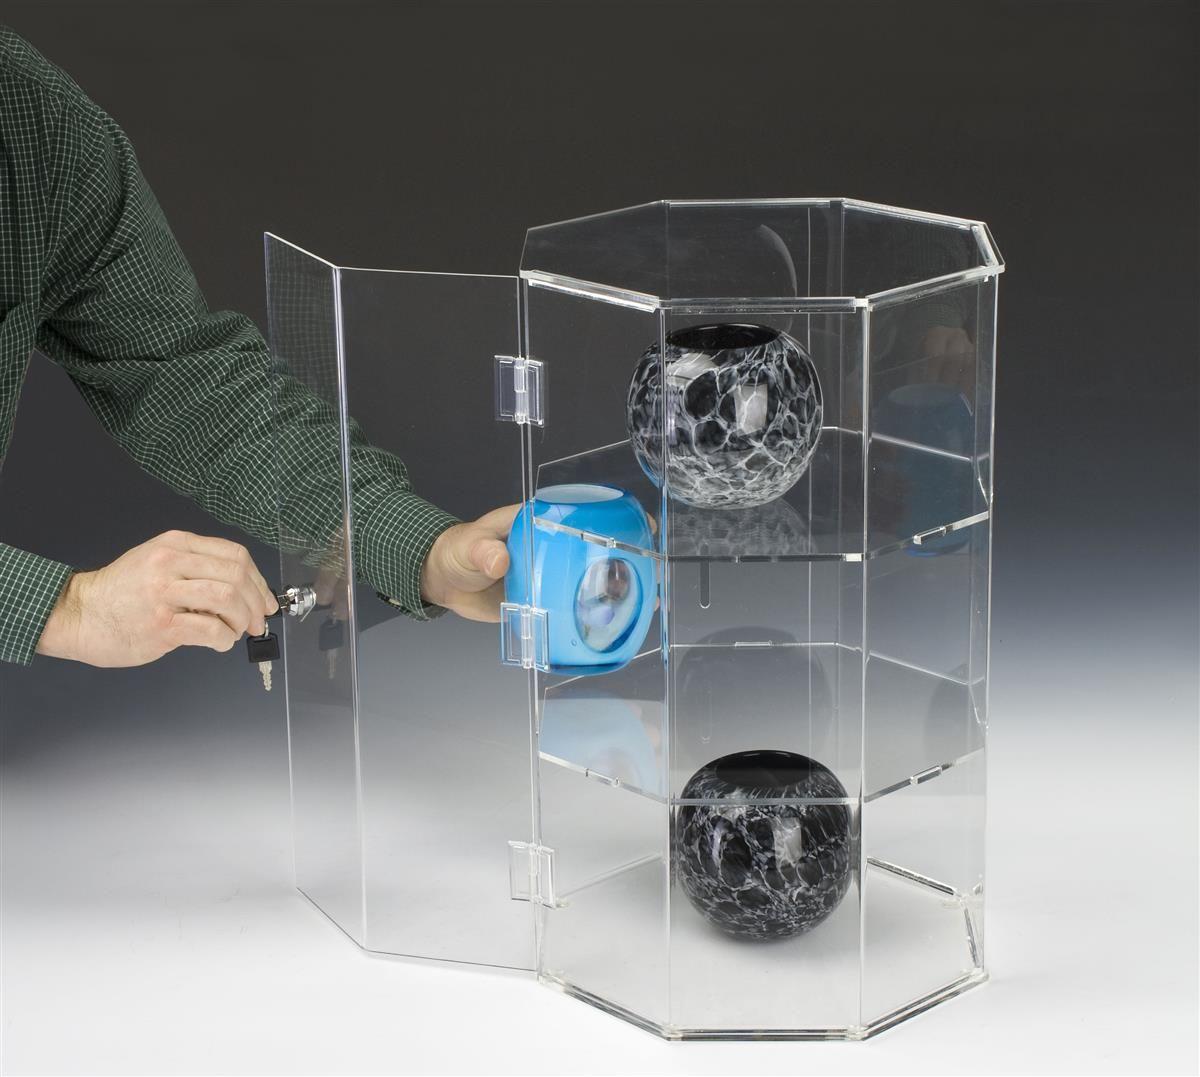 Acrylic Countertop Display Case w/ Octagonal Design, Locking Door ...